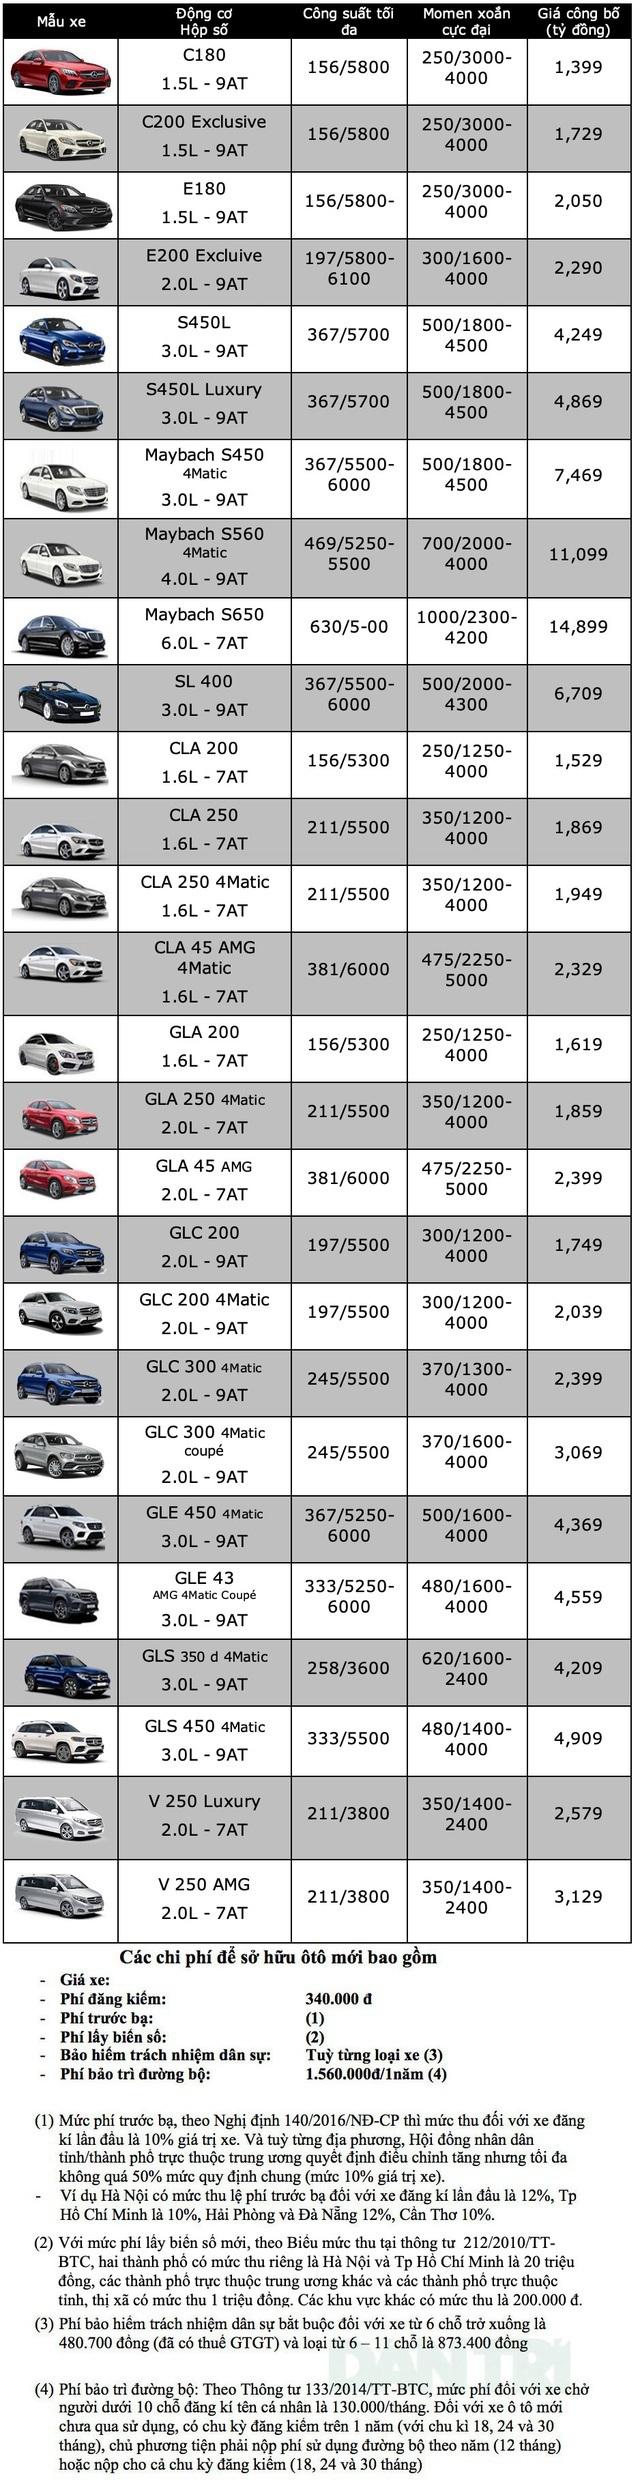 Bảng giá Mercedes-Benz tháng 6/2020 - 1